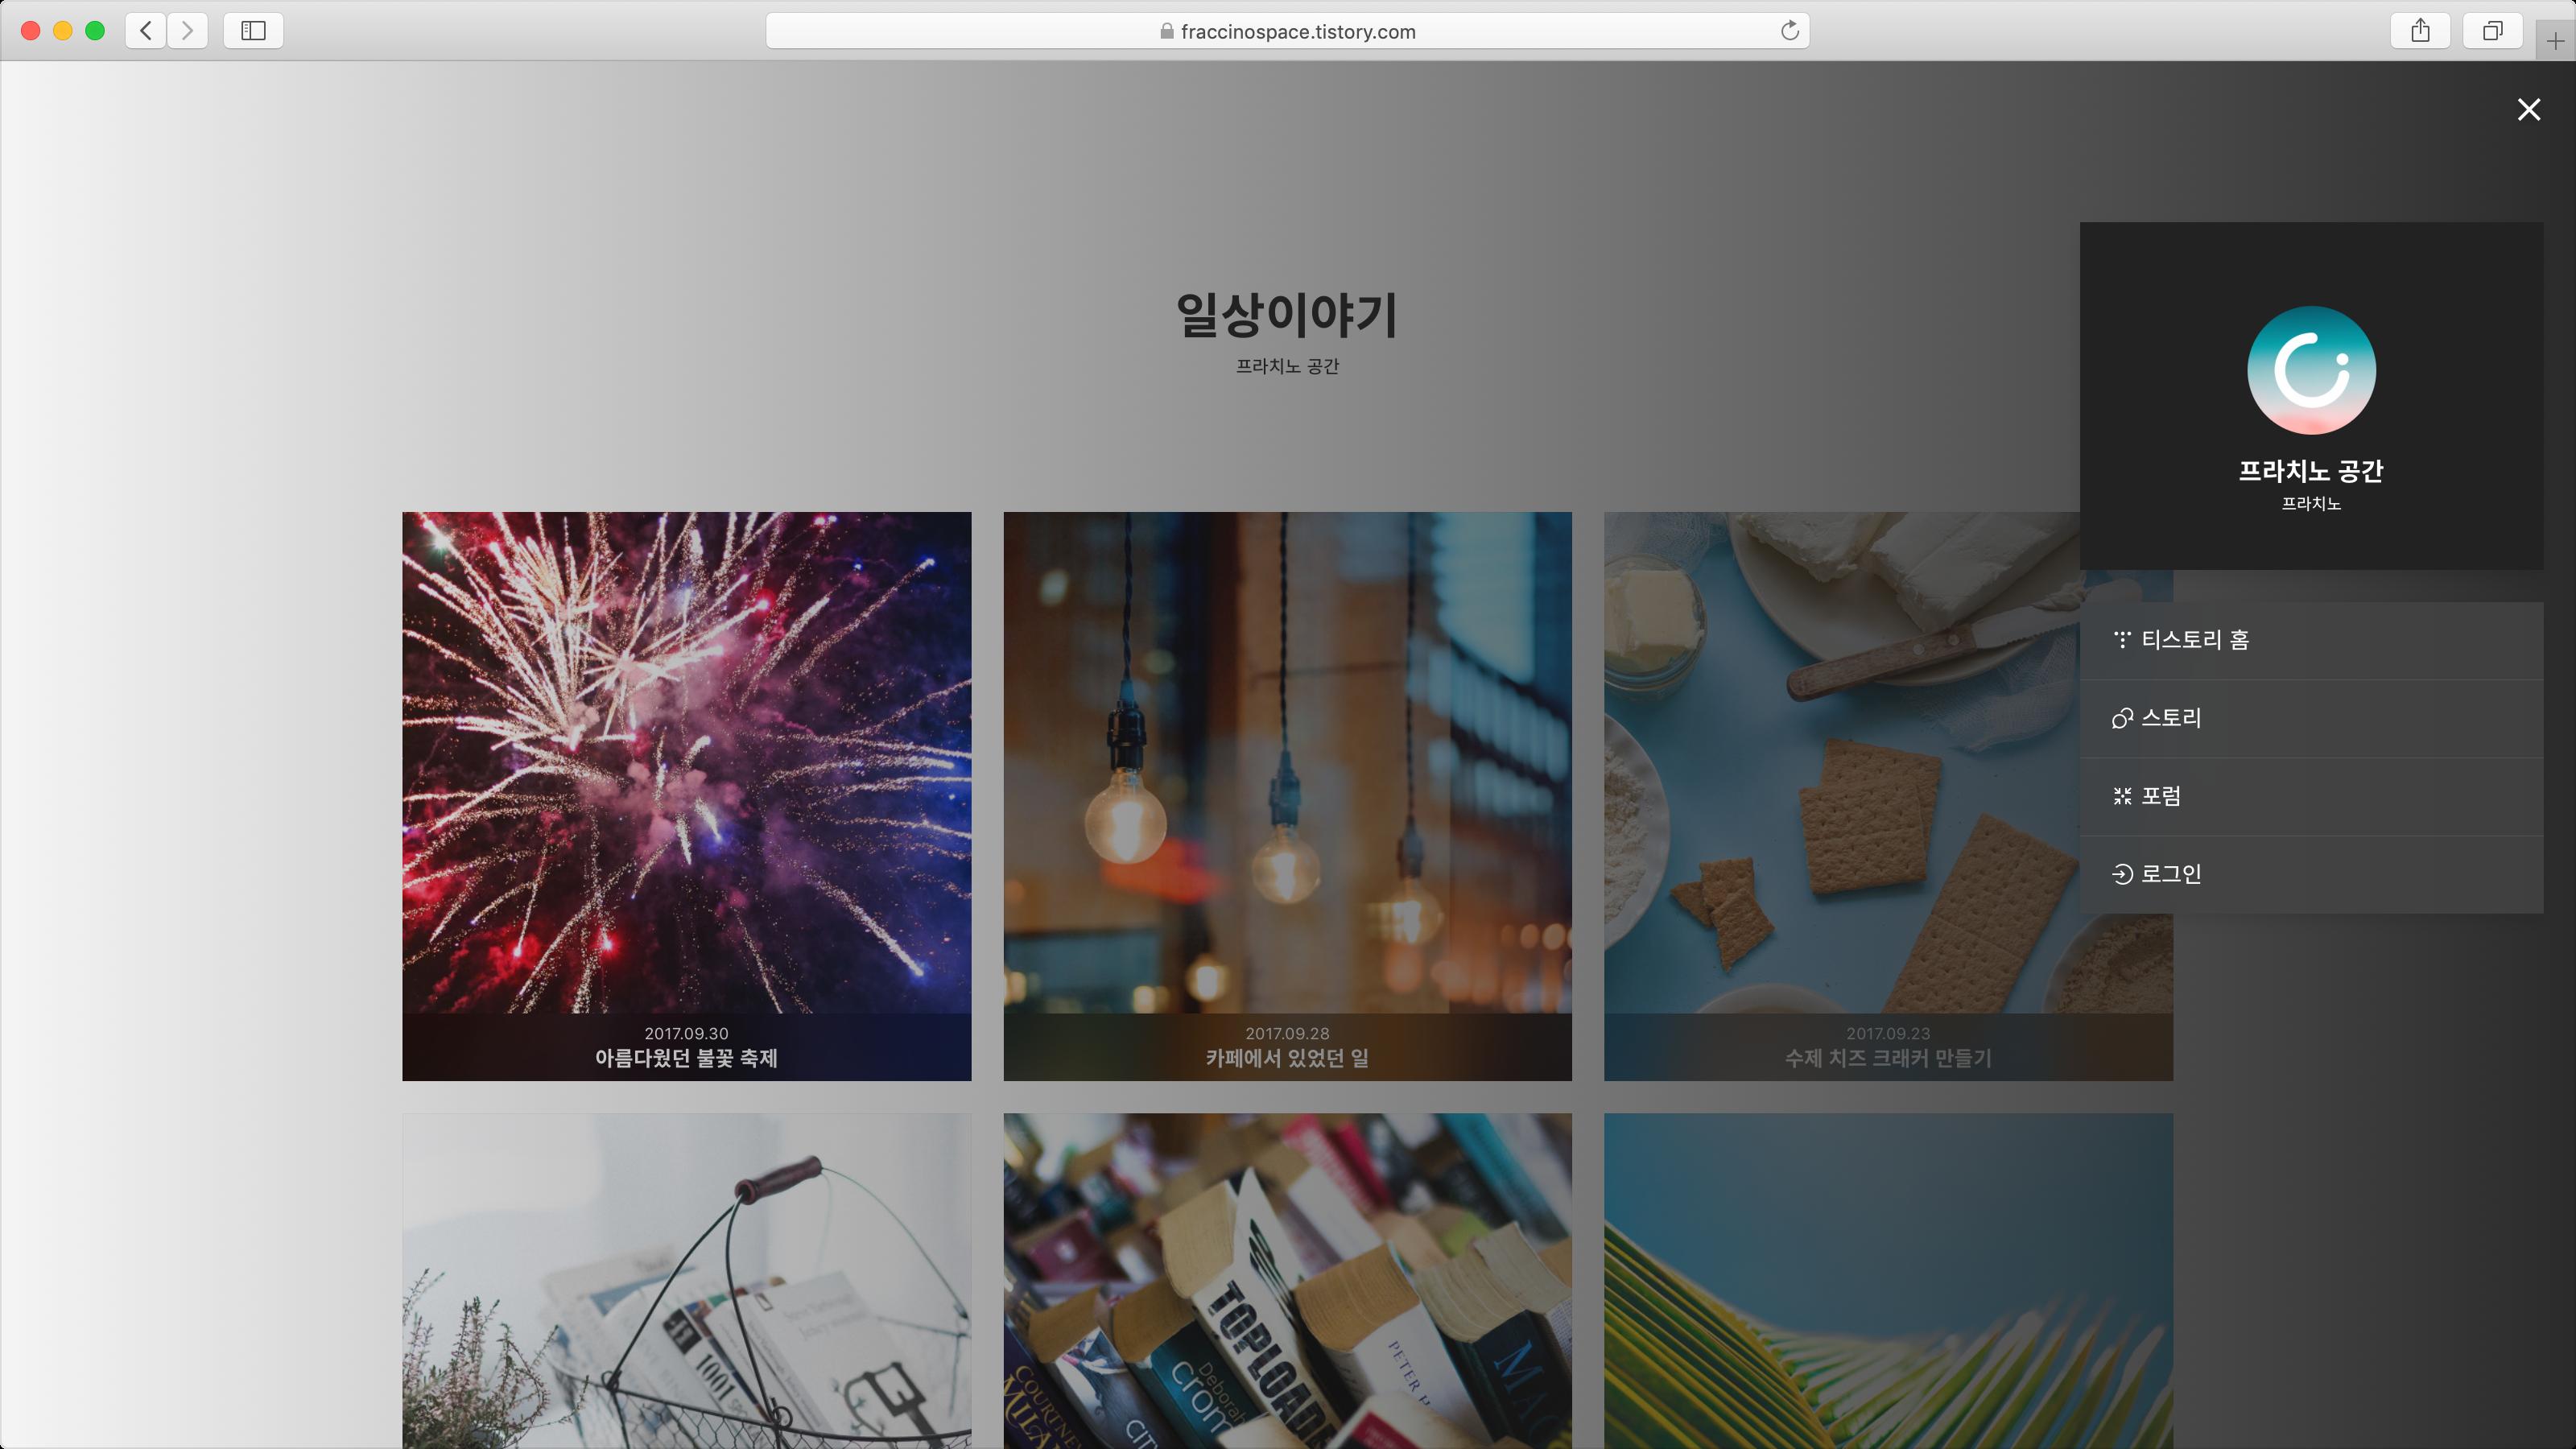 사이드바 2: 블로그 정보 매뉴